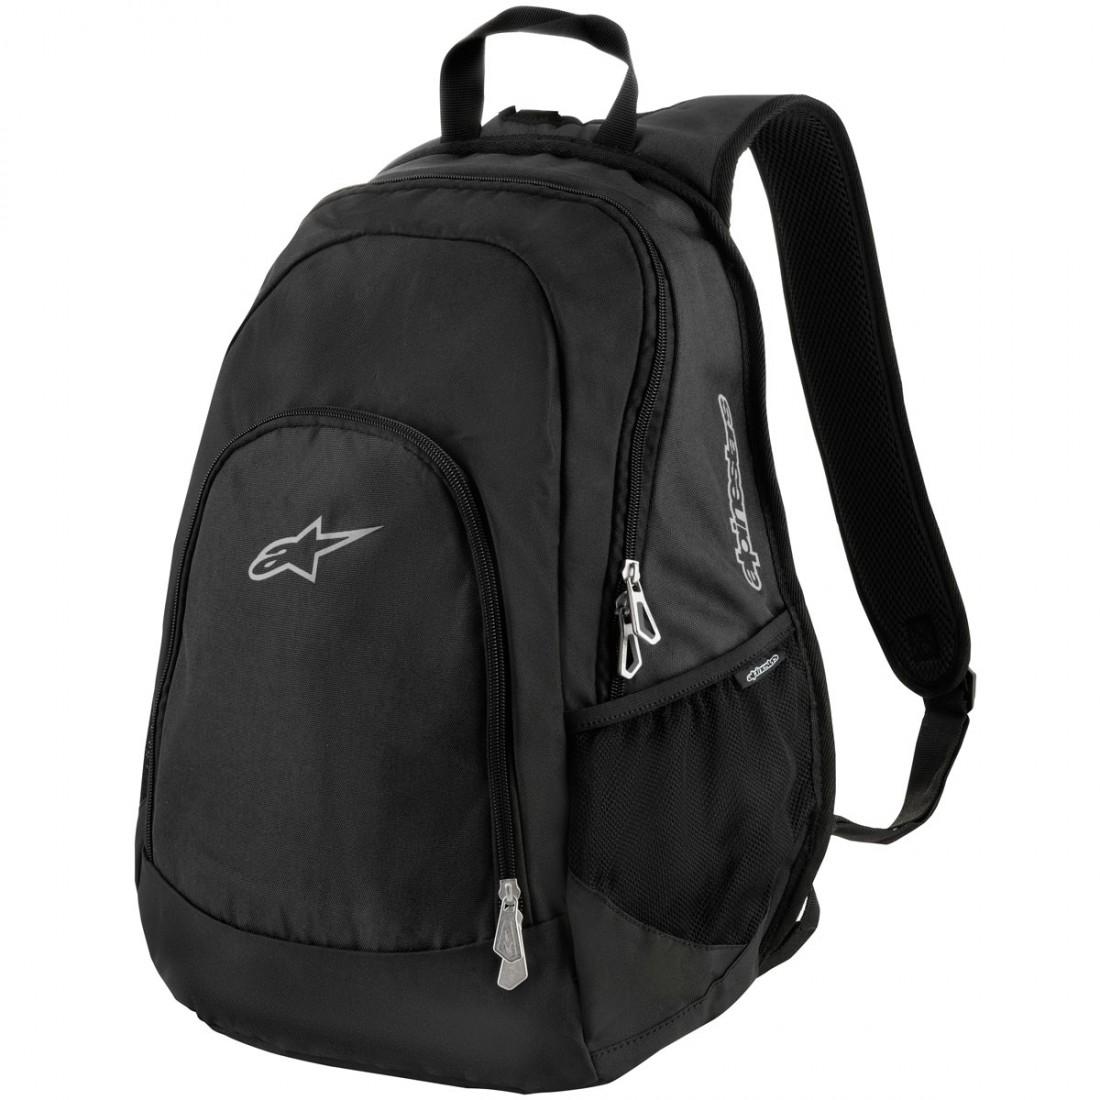 ALPINESTARS Defender Black Bag · Motocard 723dddb902